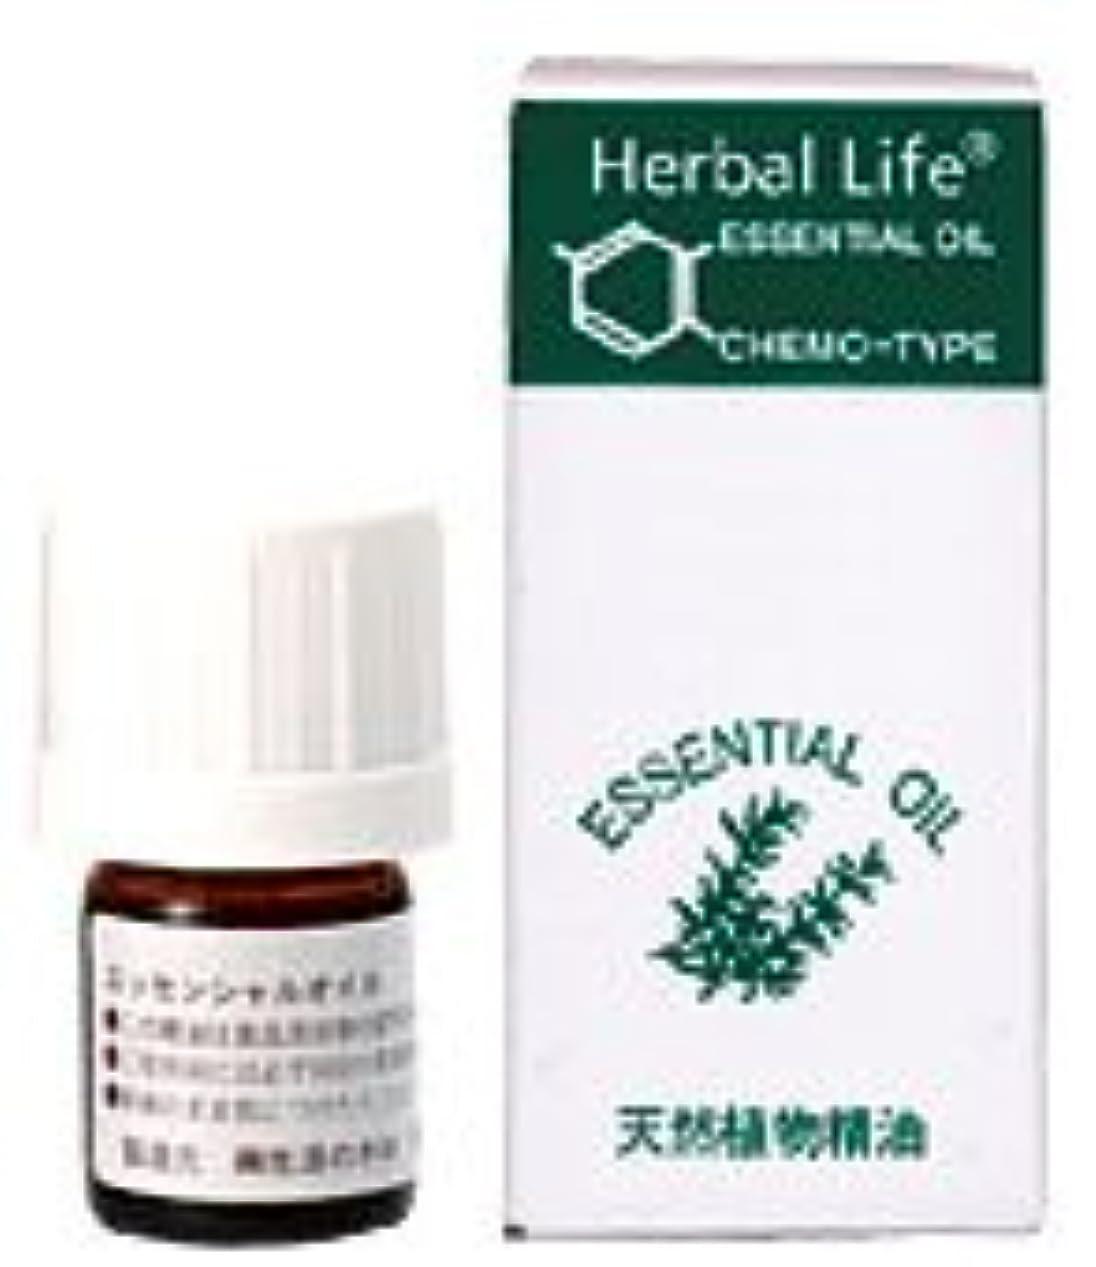 薬用仕方欠乏生活の木 グレープフルーツ3ml[エッセンシャルオイル/精油]